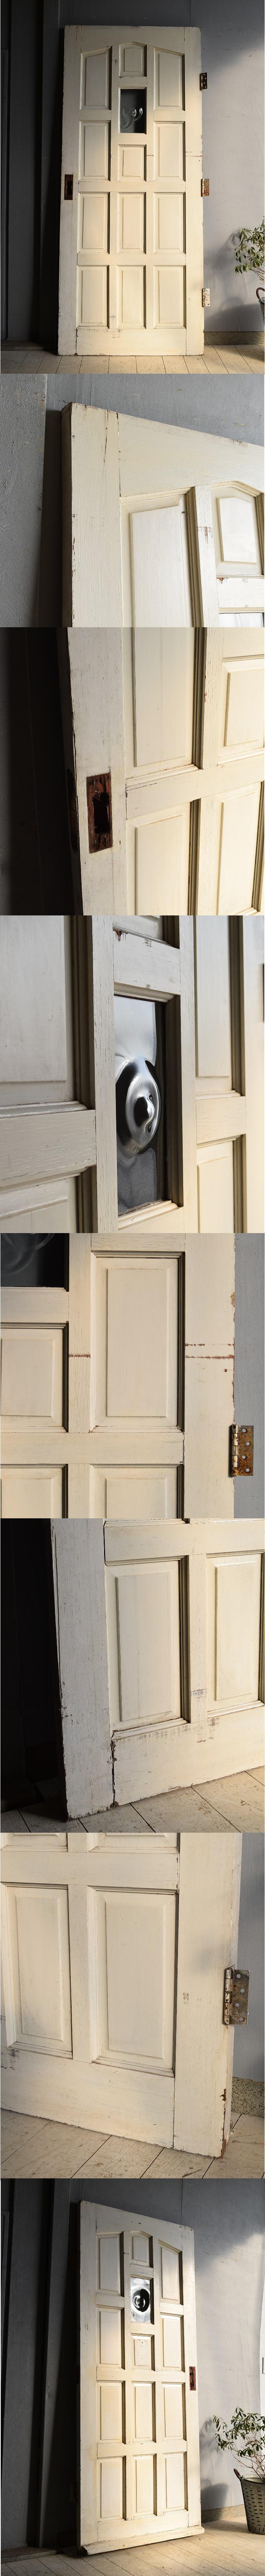 イギリス アンティーク ガラス入り木製ドア 扉 建具 7249